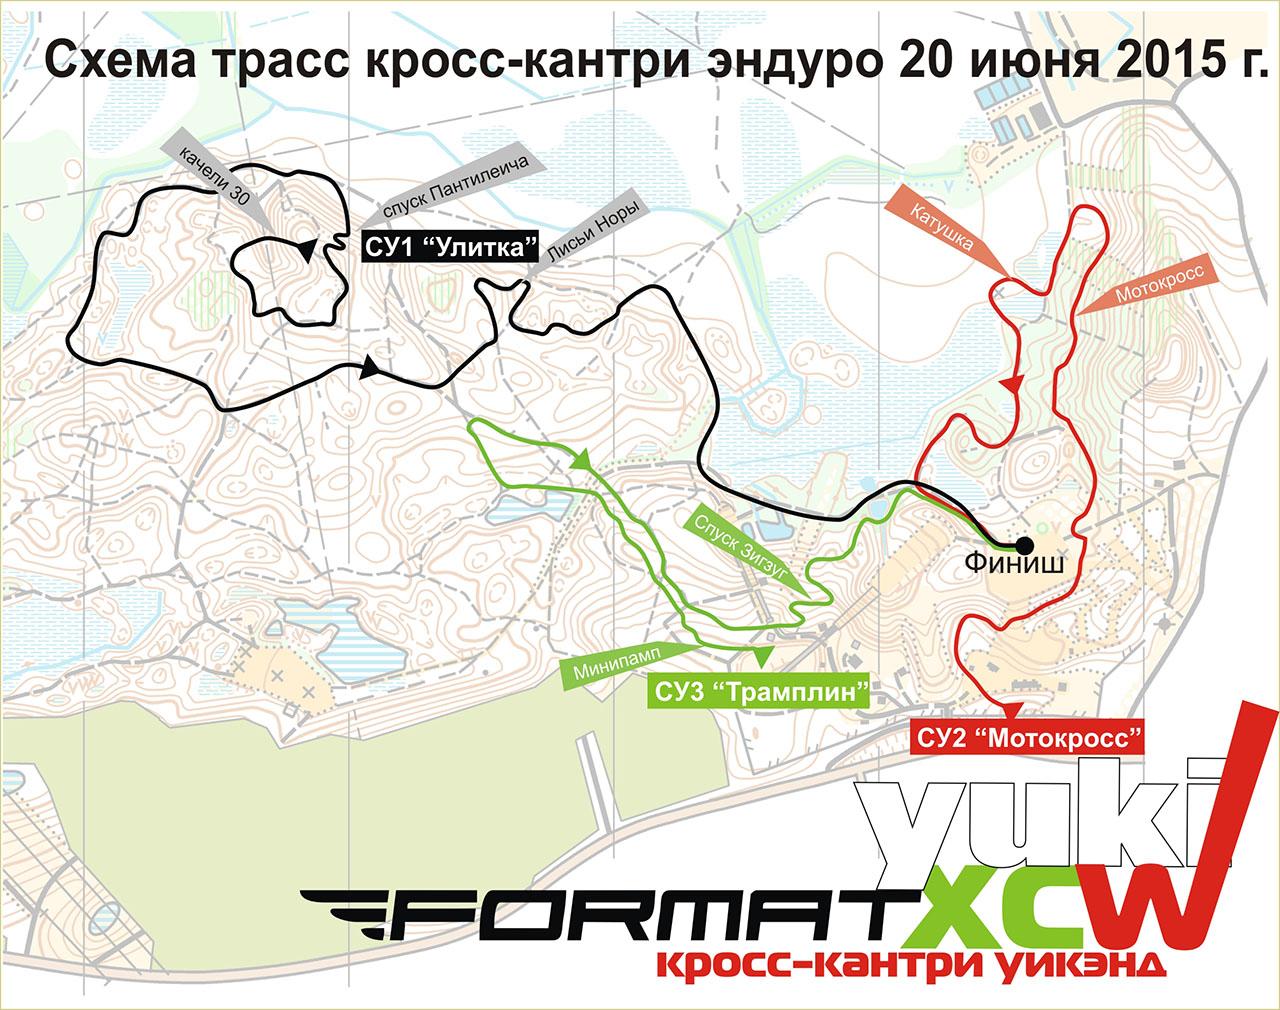 карта Спец Участков для гонки Xc-Enduro в Юкках 20-21 Июня 2015